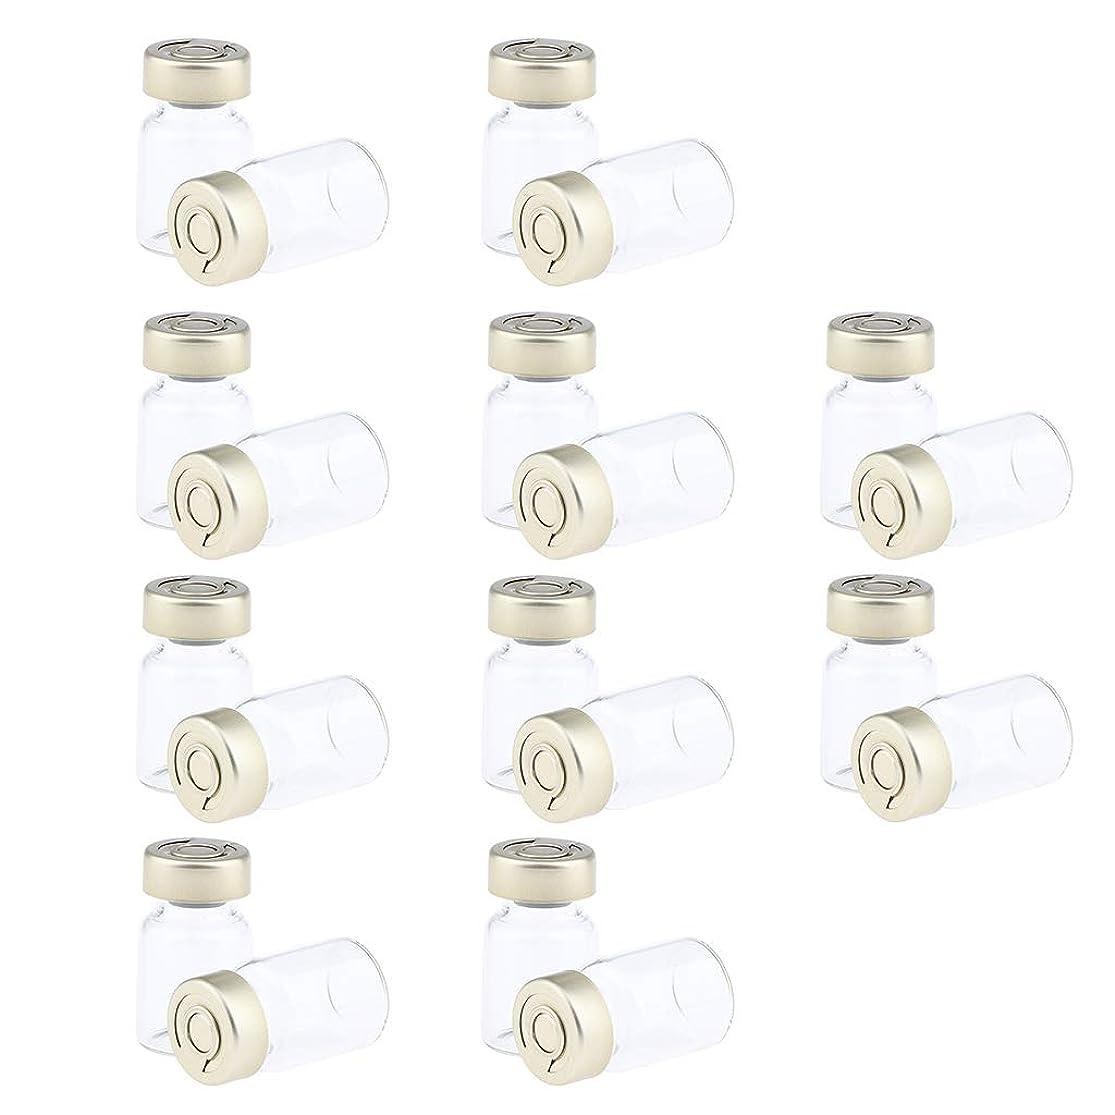 ジャグリング囲い労苦F Fityle 約20個 密封バイアル 空ボトル ガラス密封 セラム バイアル びん 液体容器 3サイズ選べ - 5ミリリットル